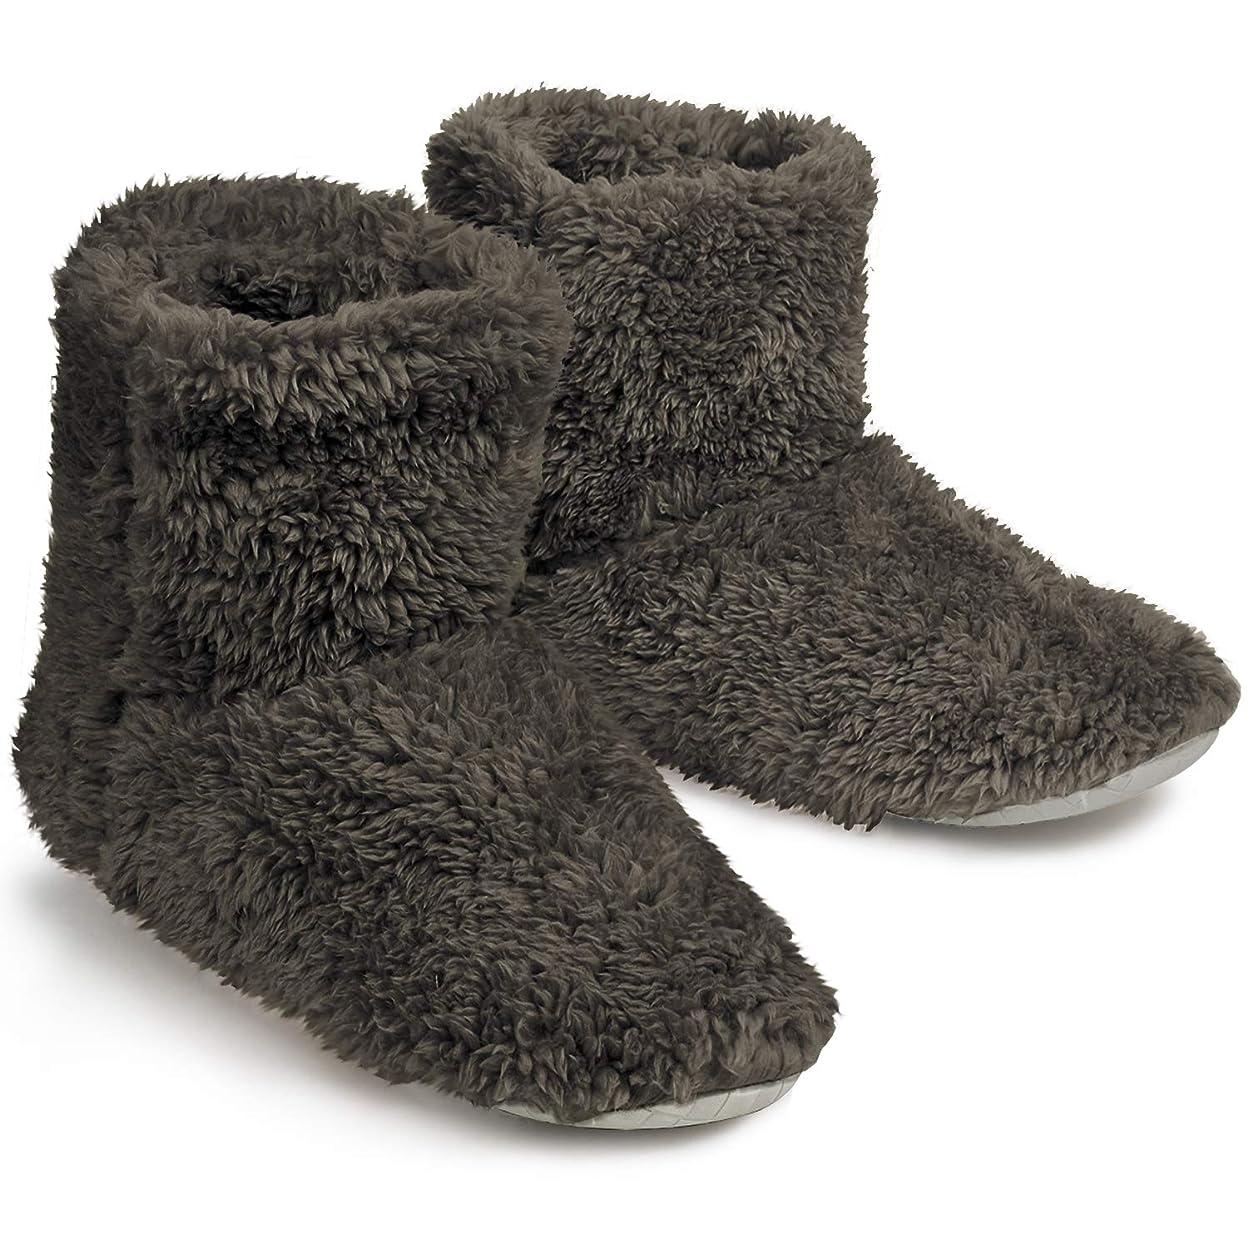 医療過誤下線郵便物スリッパ 冬 北欧 暖かい もこもこ ルームシューズ ル ームブーツ あったか ボアスリッパ 可愛い 靴 おしゃれ 滑り止め 静音 シューズ 洗濯可室内履き専用 冬専用 メンズ レディース